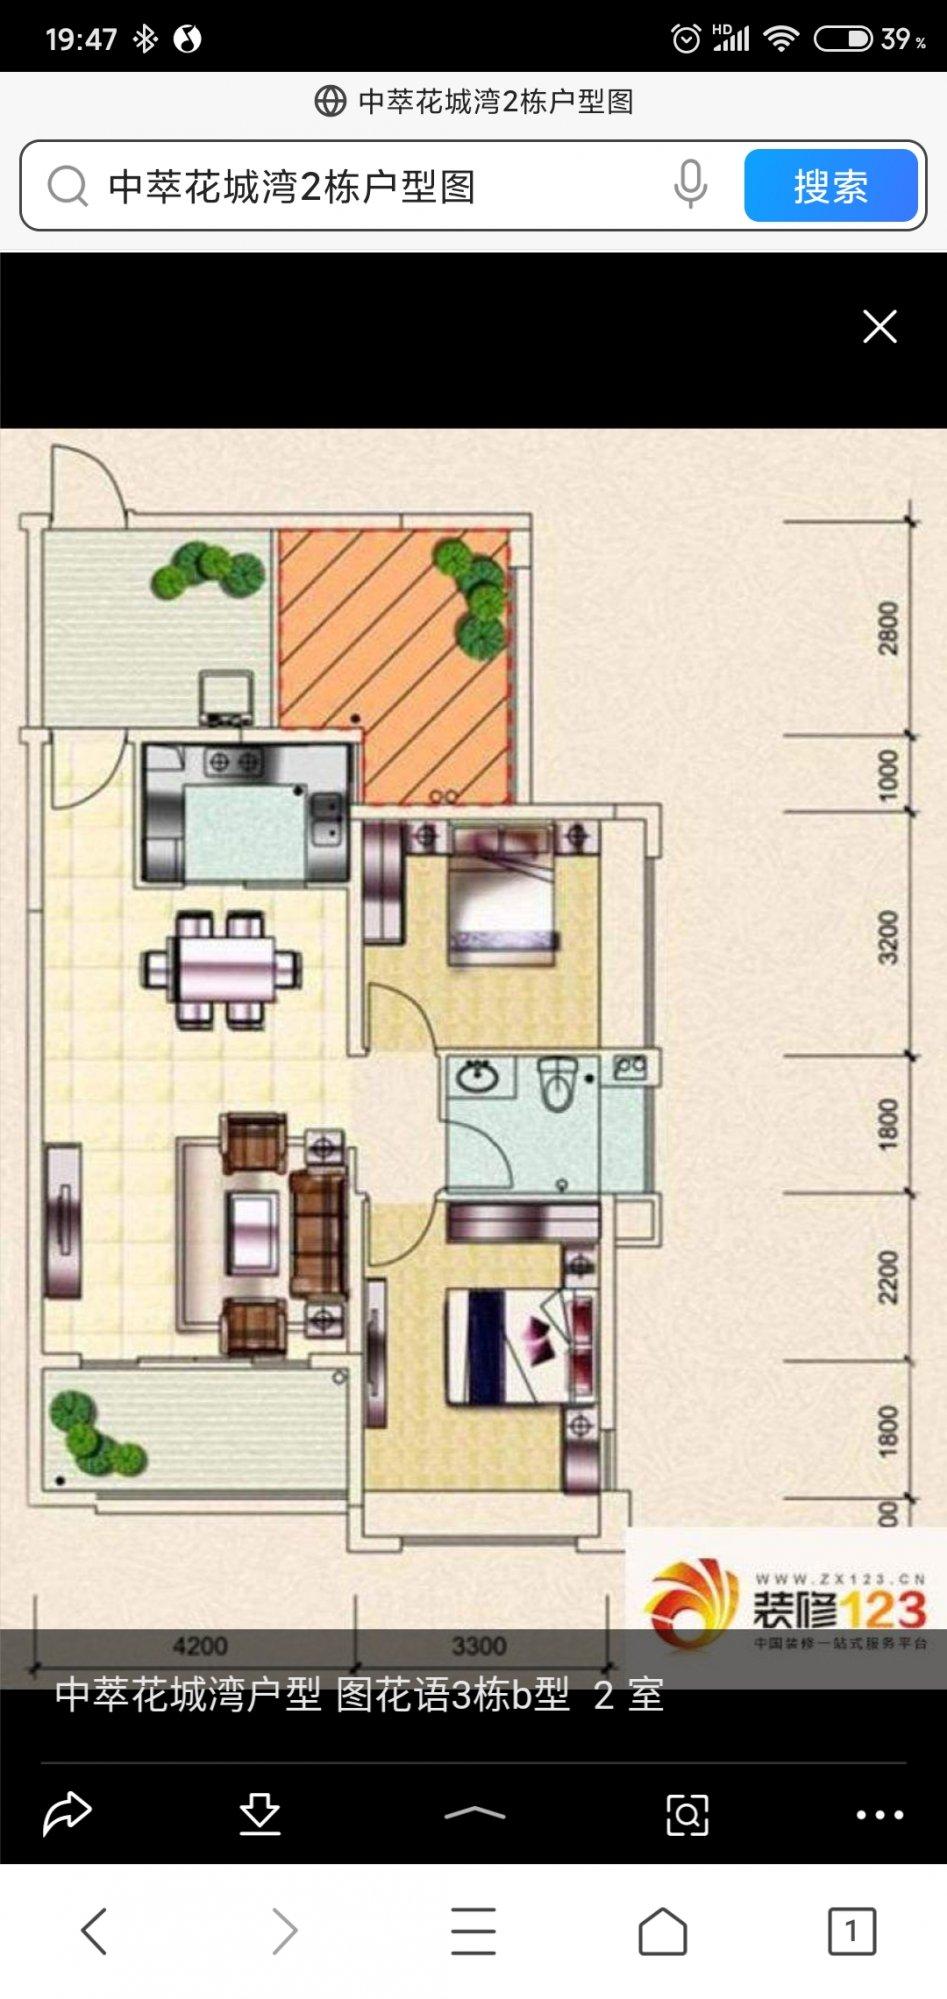 问下这户型要做三房要怎样安排较合理呢?